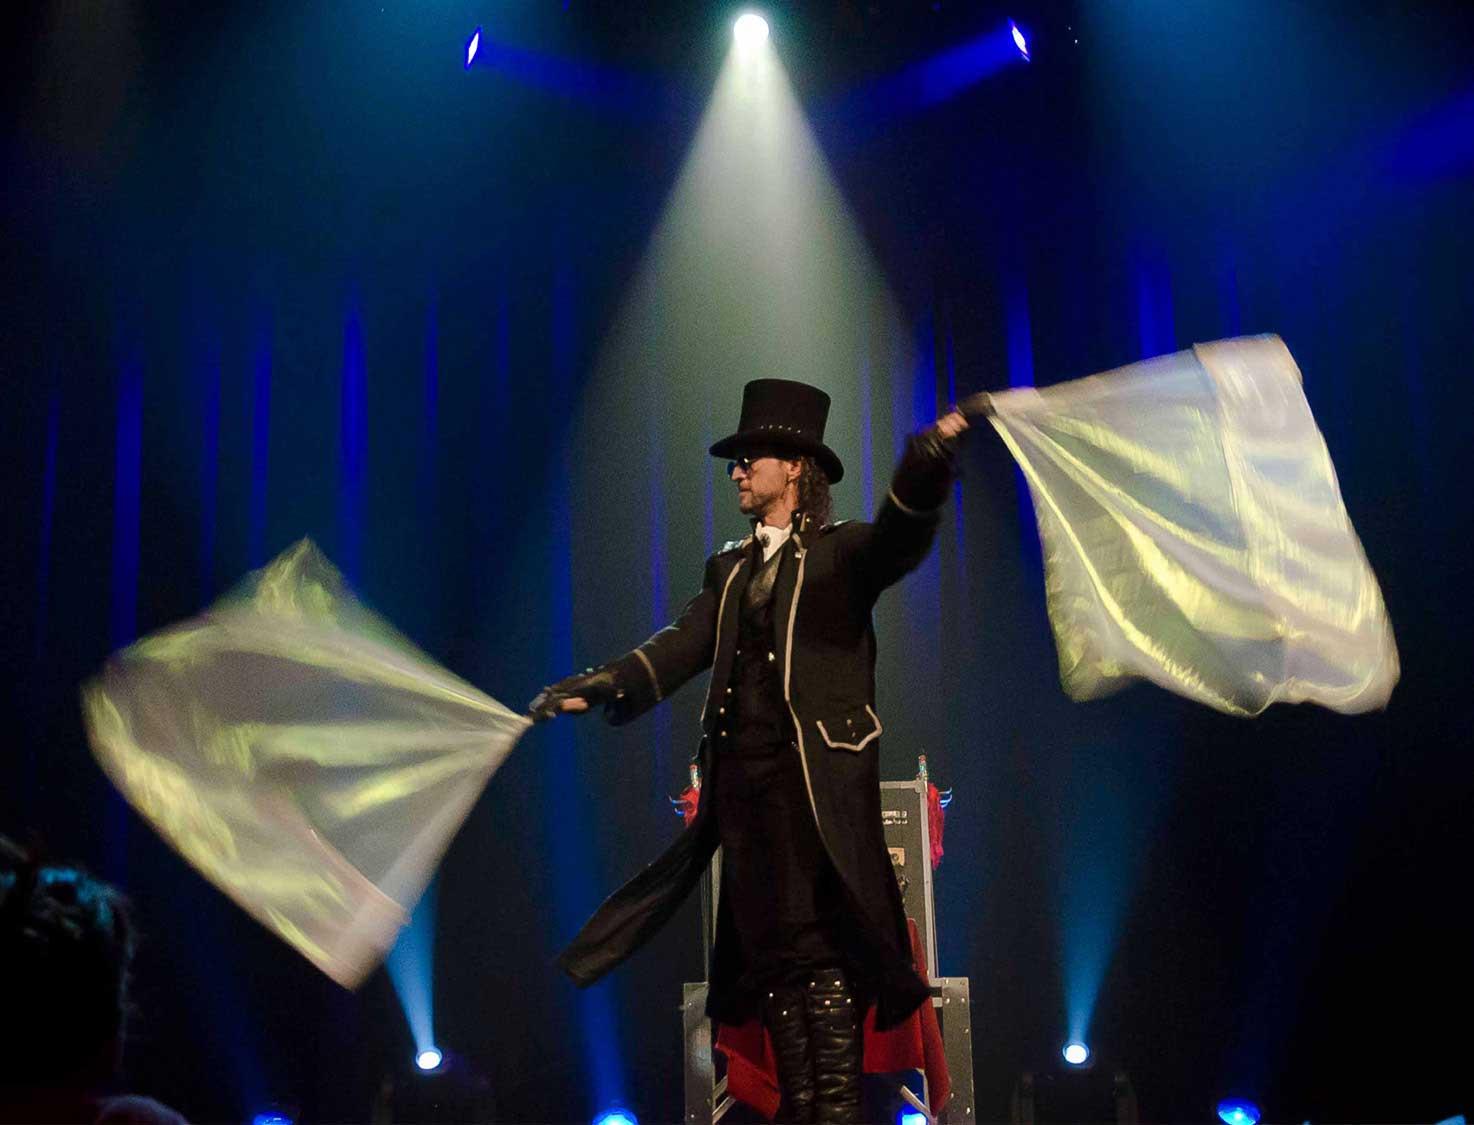 Loran magicien illusionniste sur scène